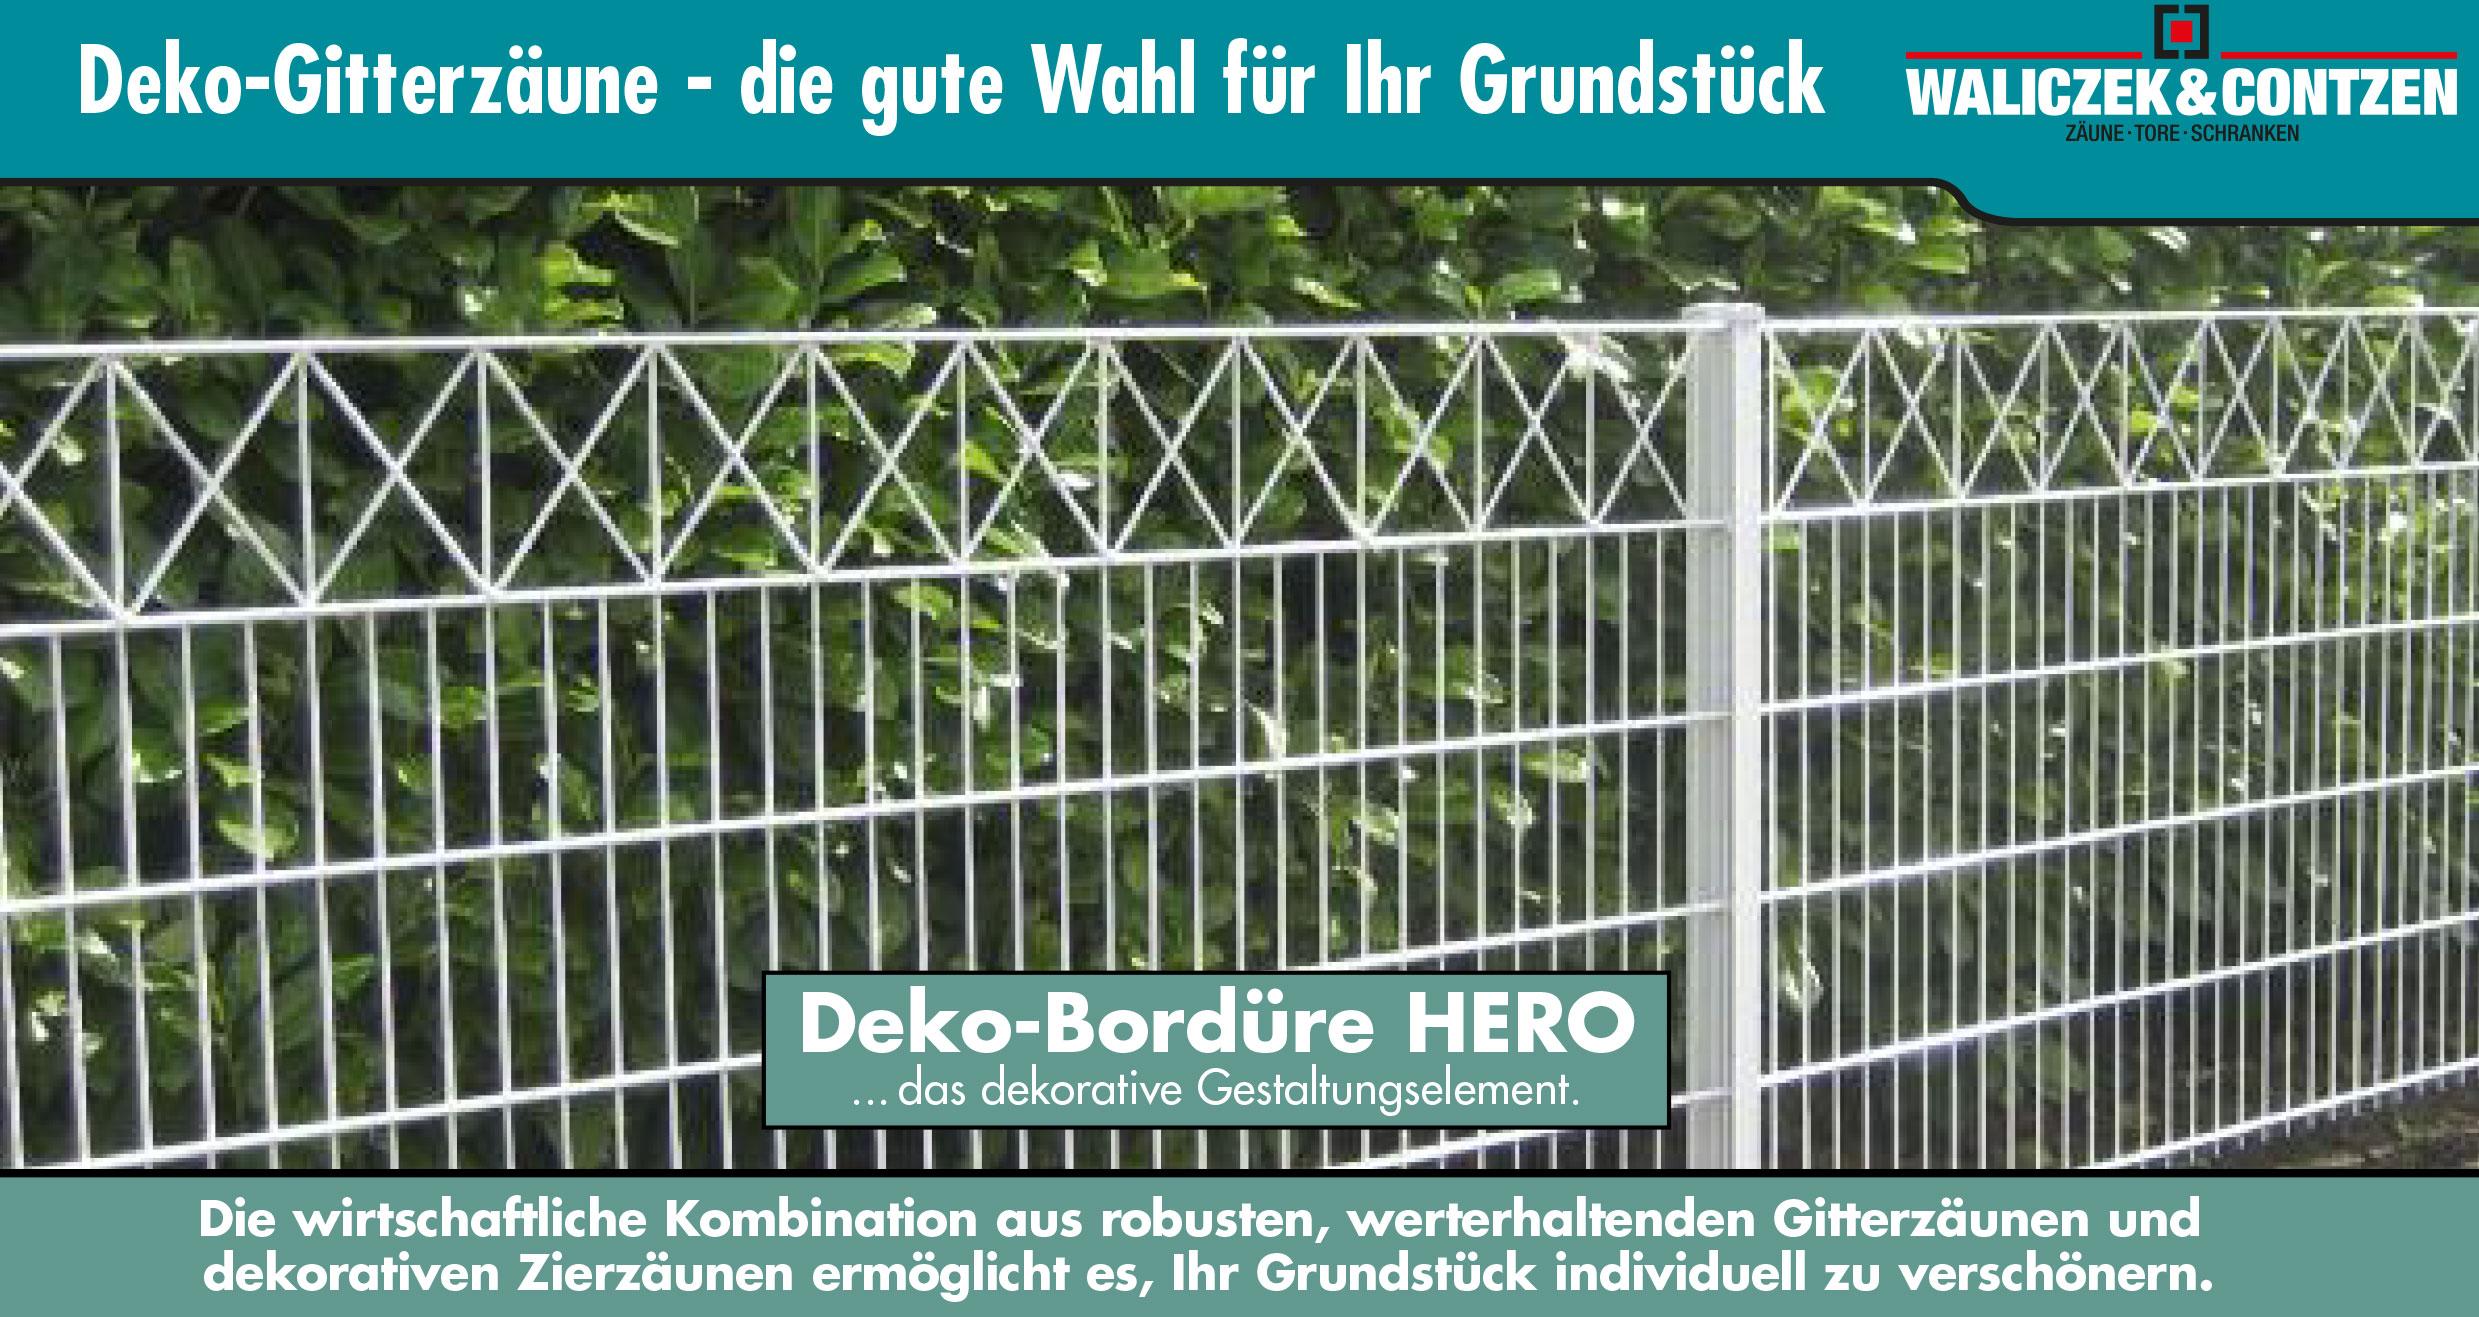 Deko-Gitterzäune – Waliczek & Contzen GmbH